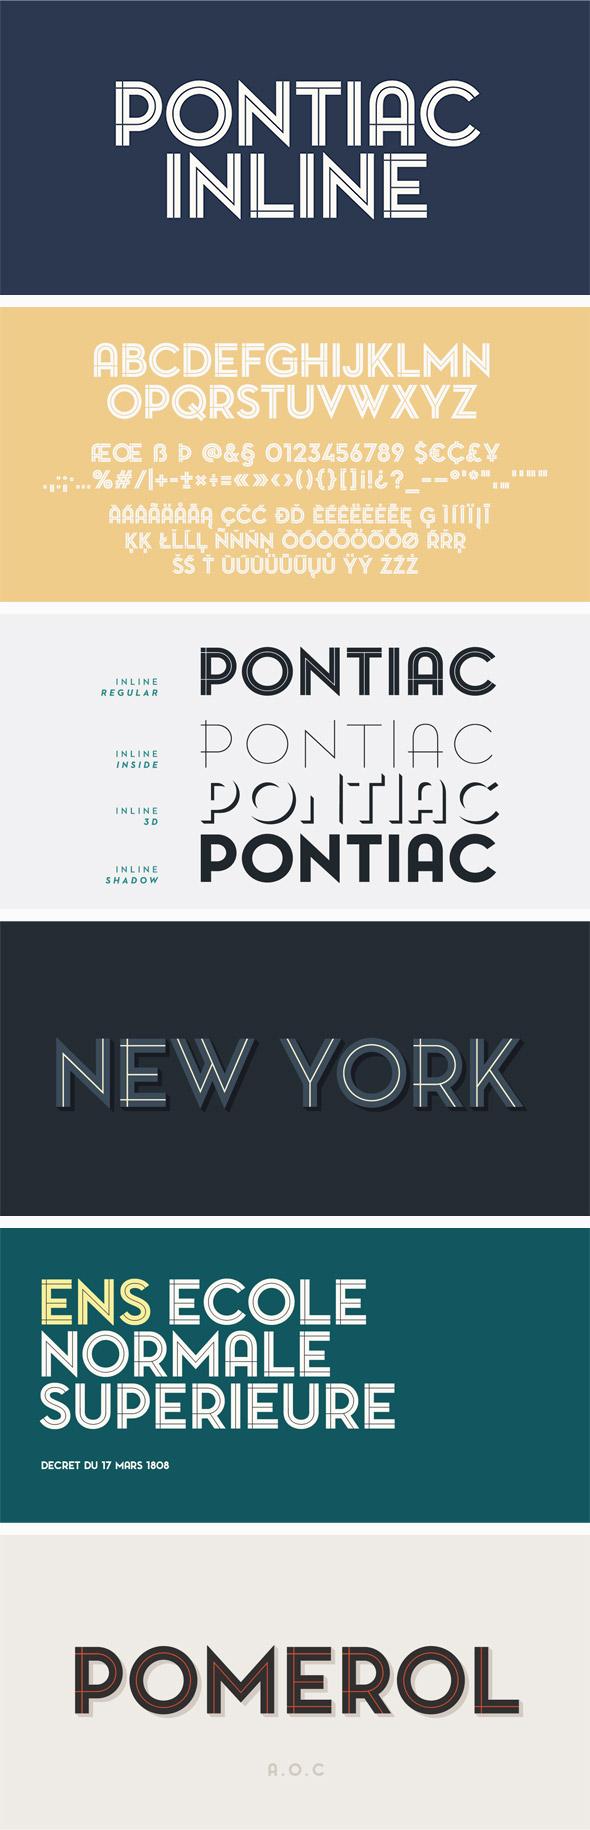 Pontiac Inline Font Pack - Sans-Serif Fonts